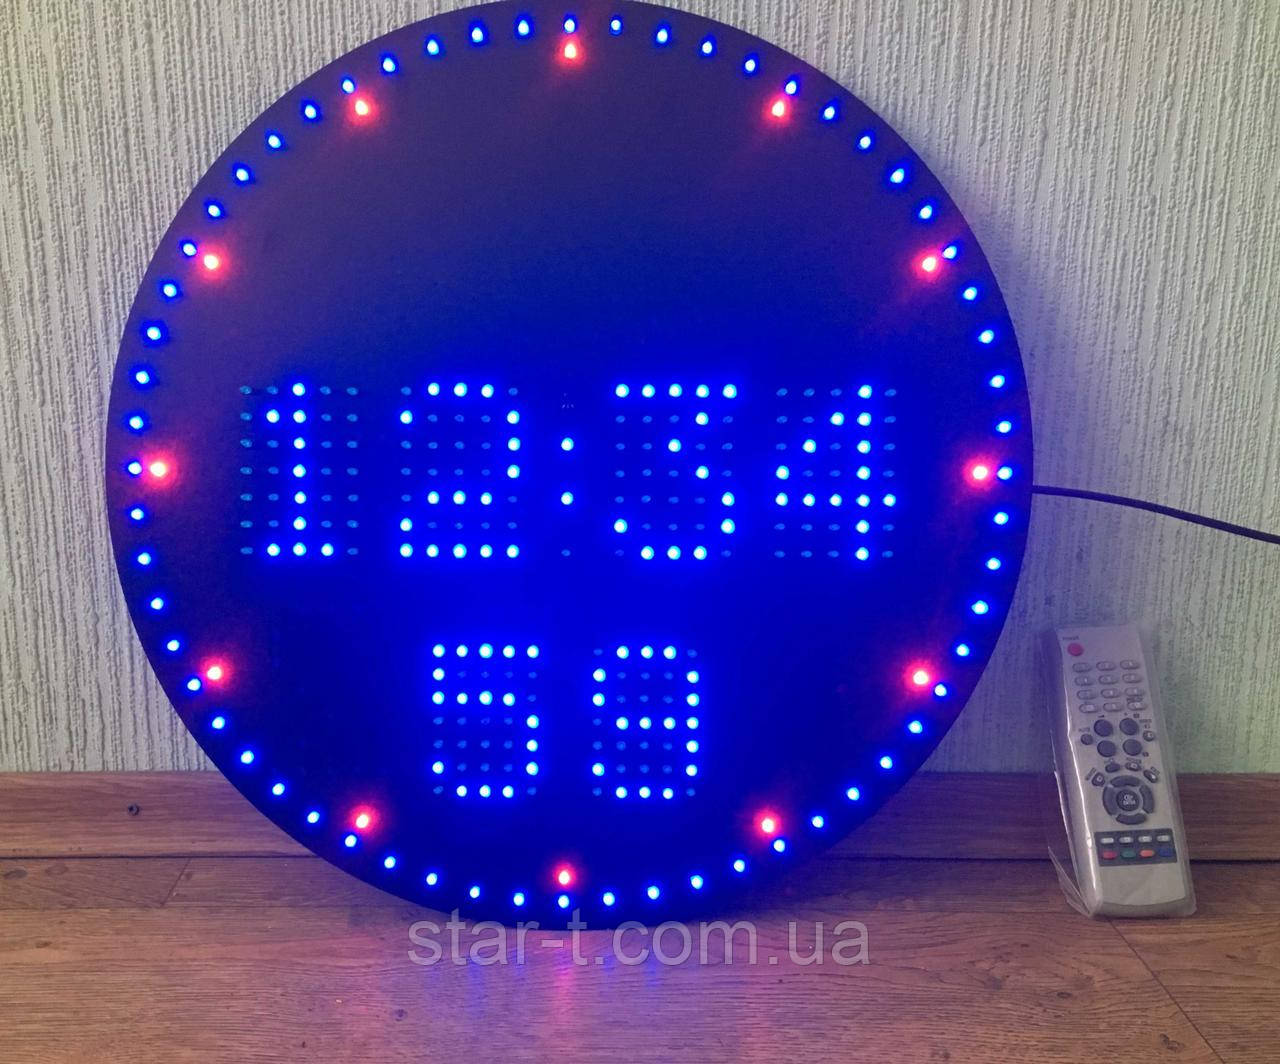 Светодиодные круглые часы.